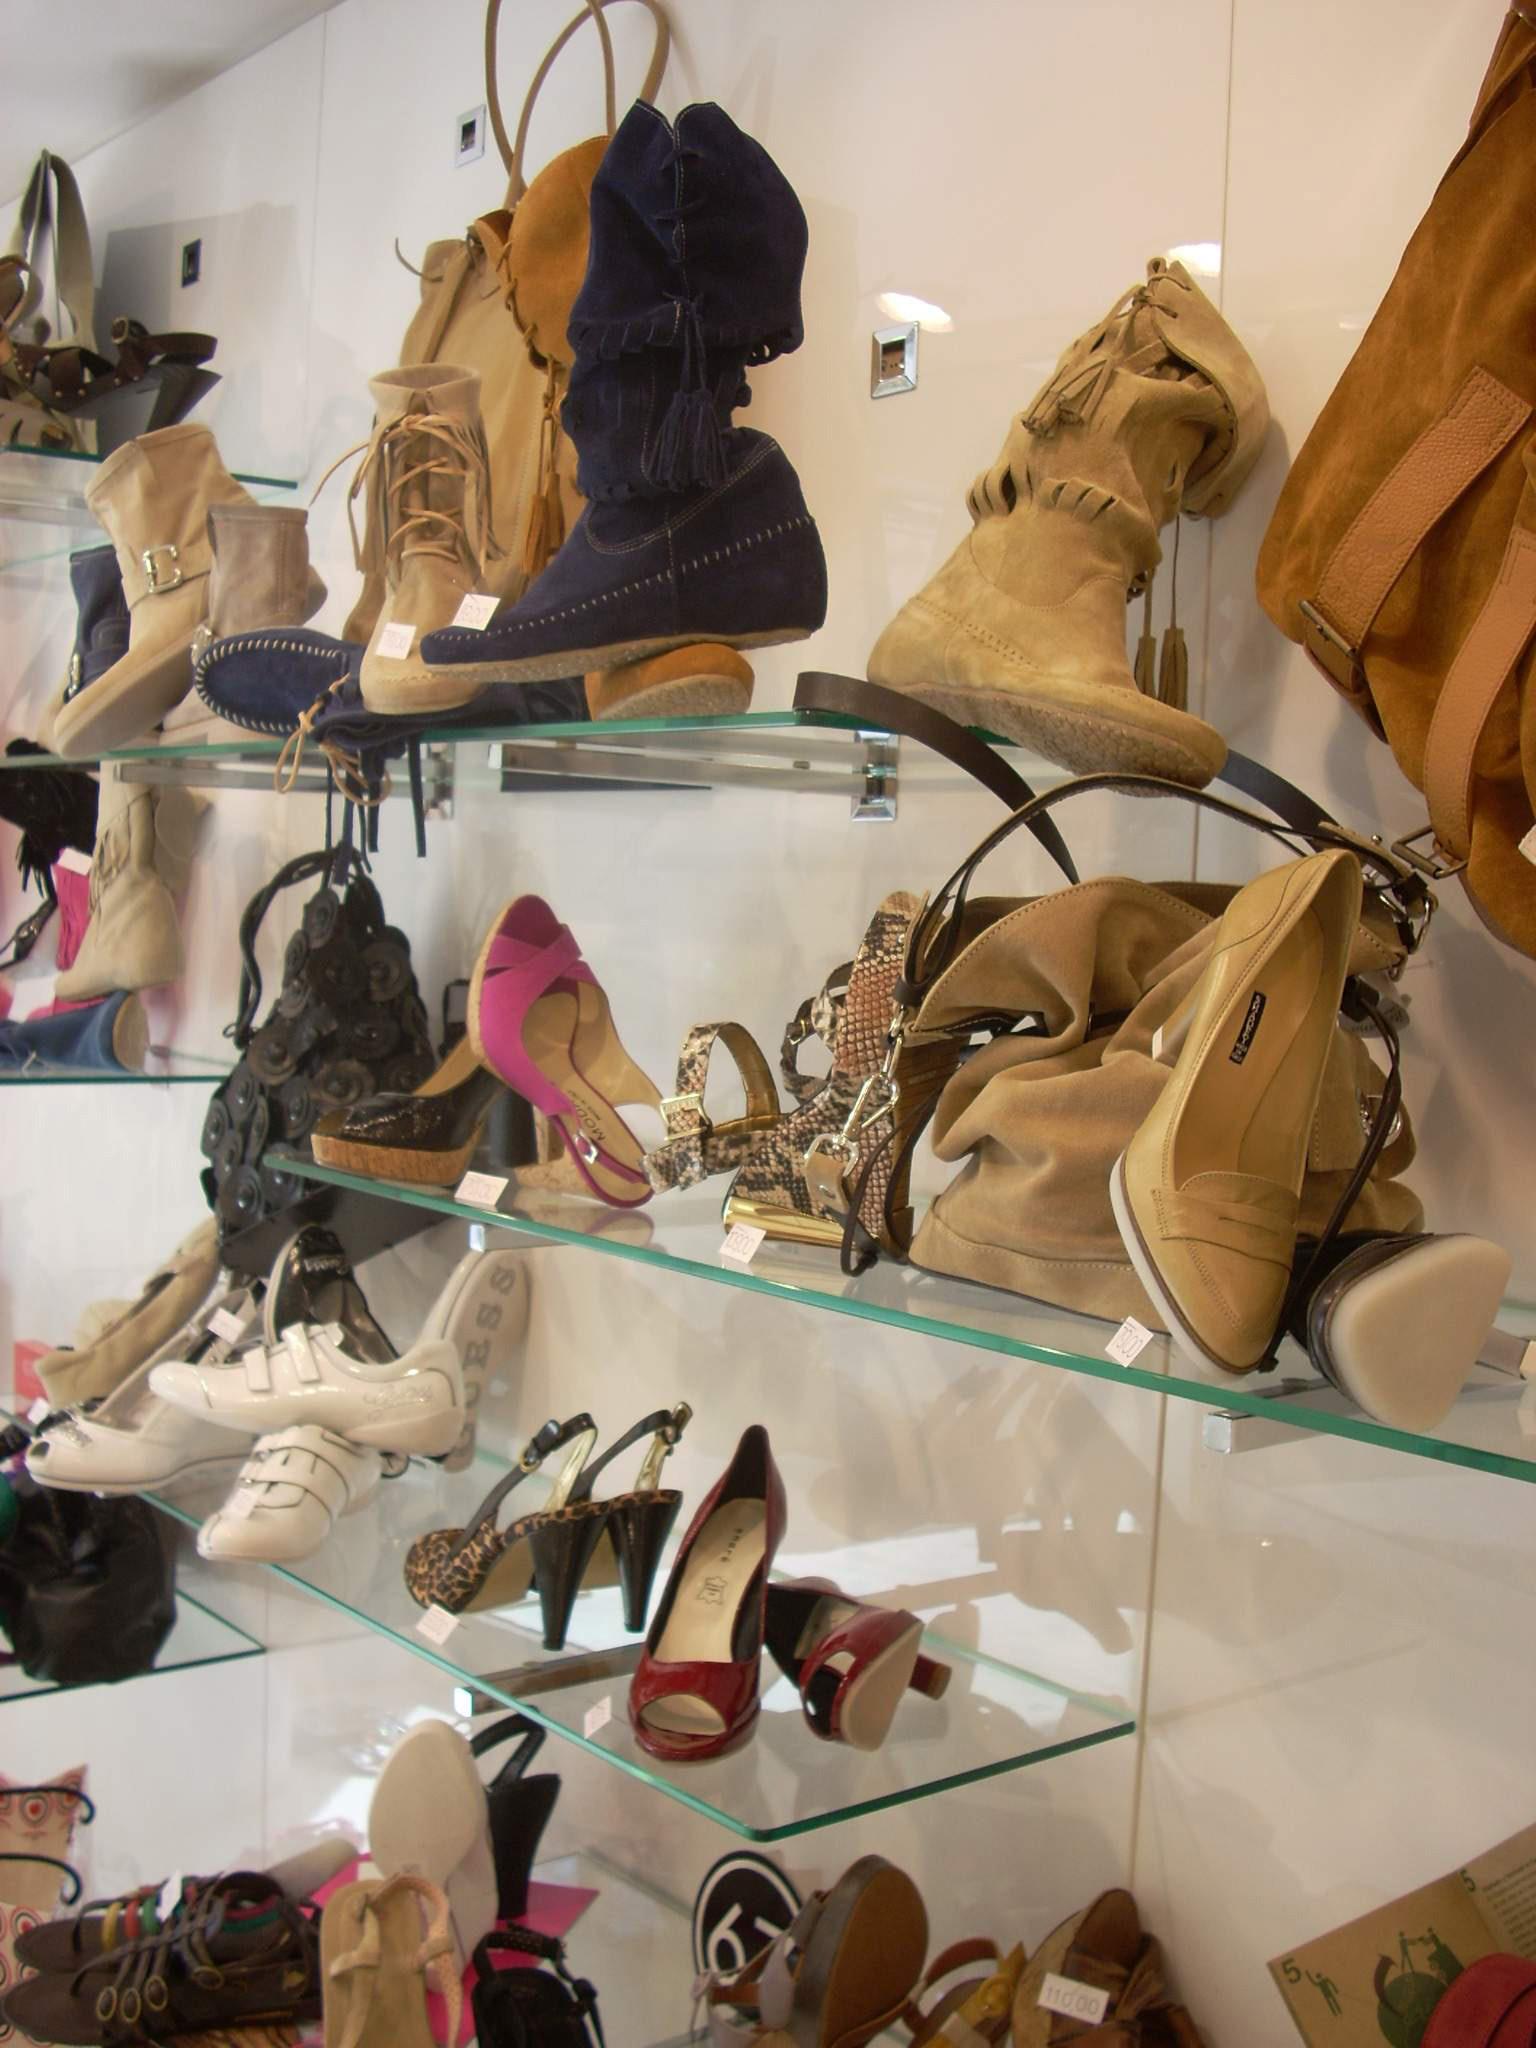 vendita arredamento negozio abbigliamento: arredamento negozio ... - Arredamento Negozi Abbigliamento Toscana